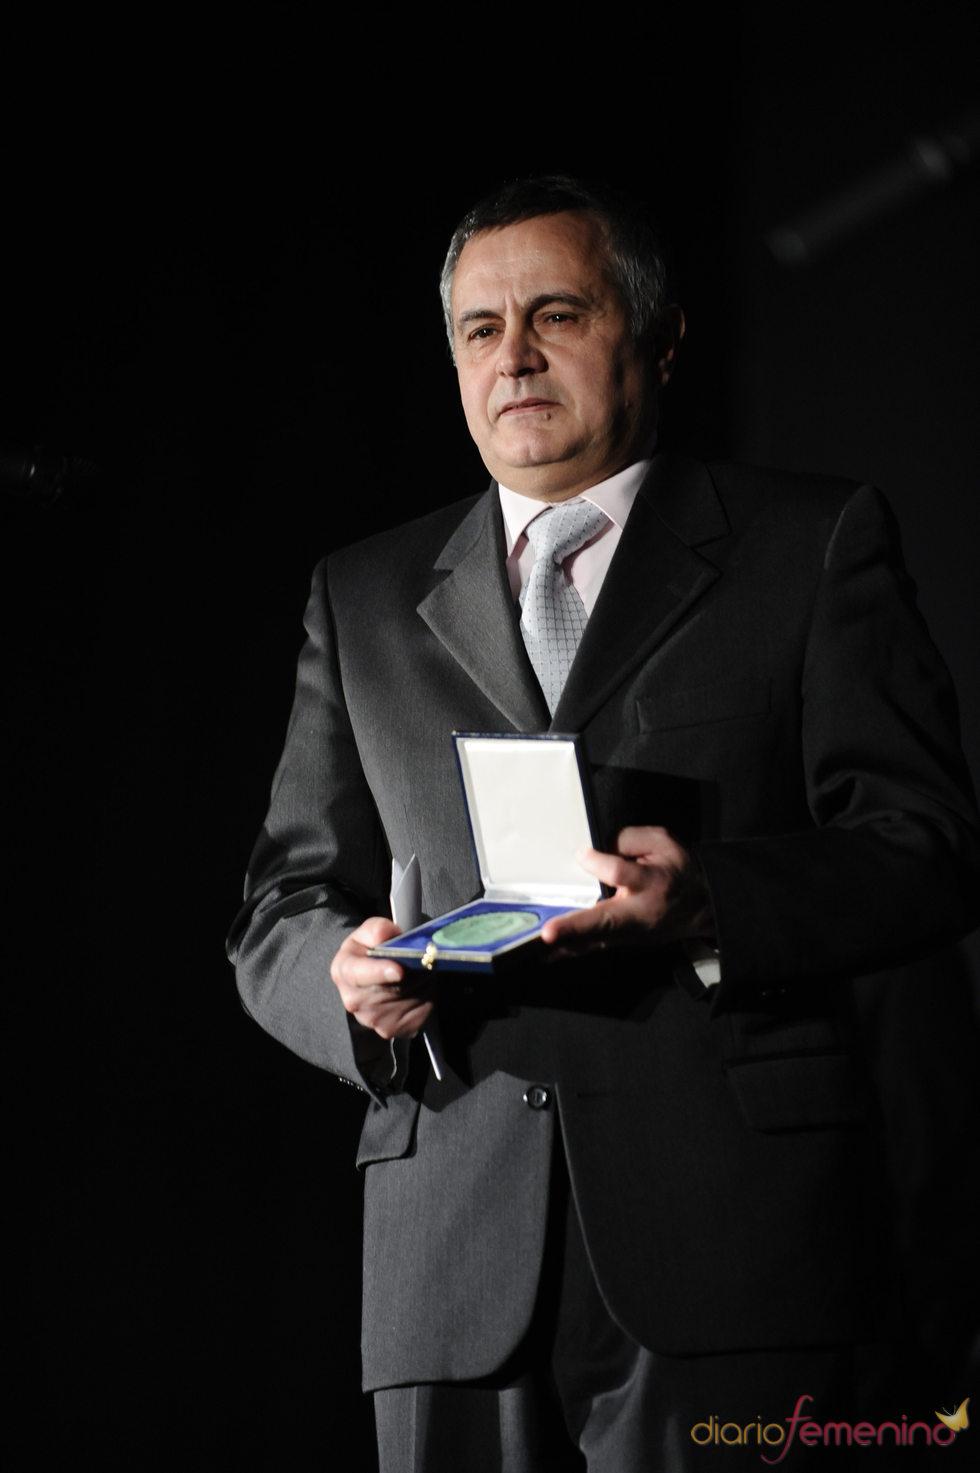 El profesor y escritor Emilio Carlos Garcia Fernández, premiado por el Círculo de Escritores